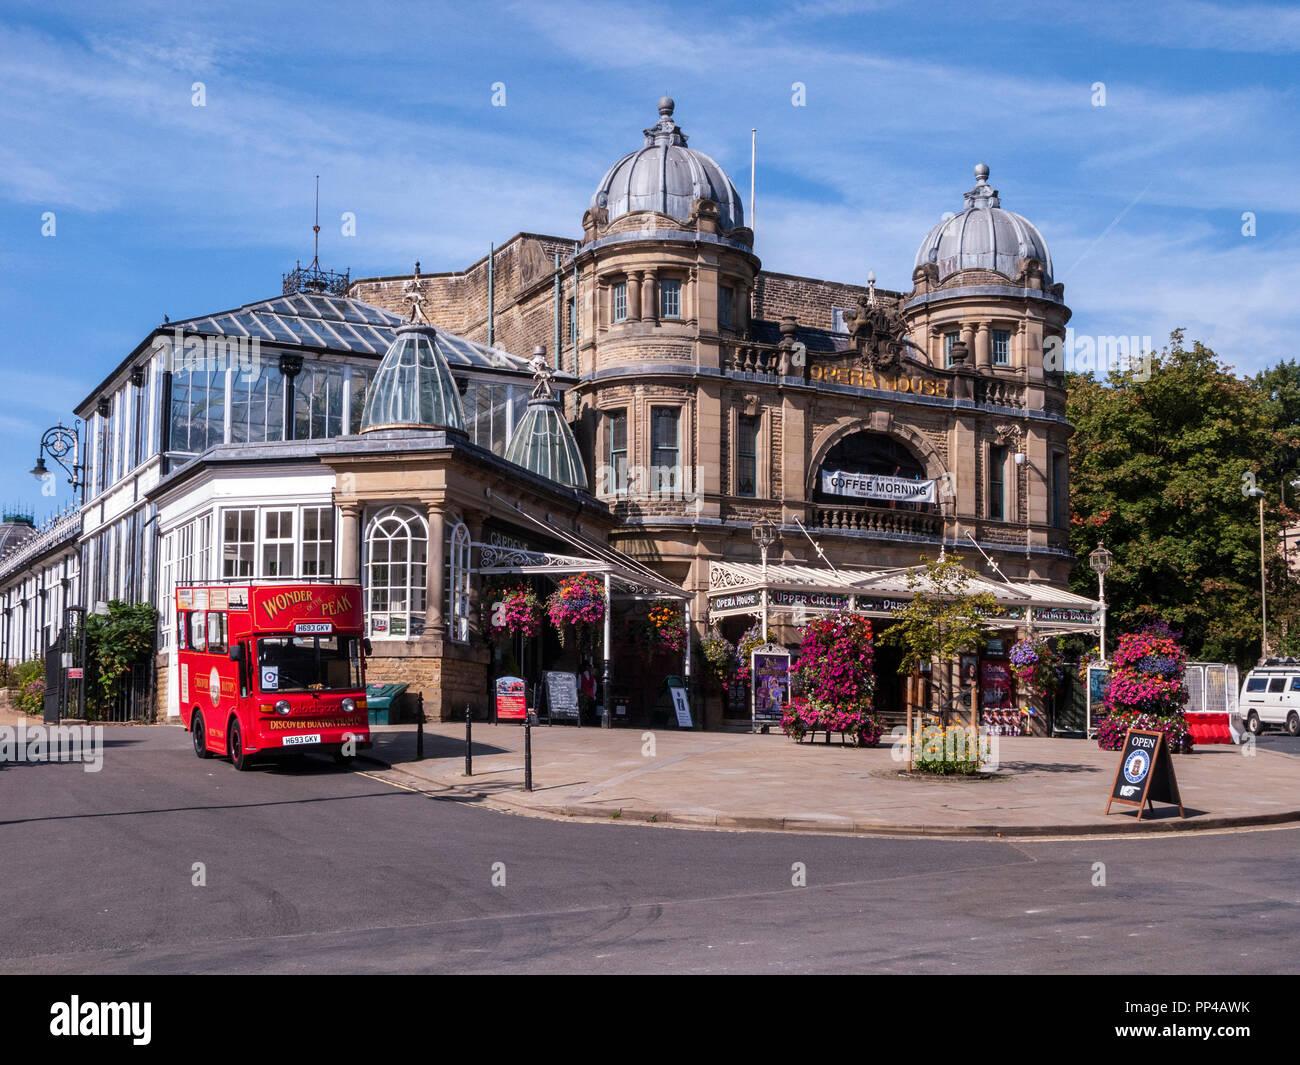 Opéra de Buxton avec Découvrir Buxton bus touristique, Buxton, Derbyshire Photo Stock